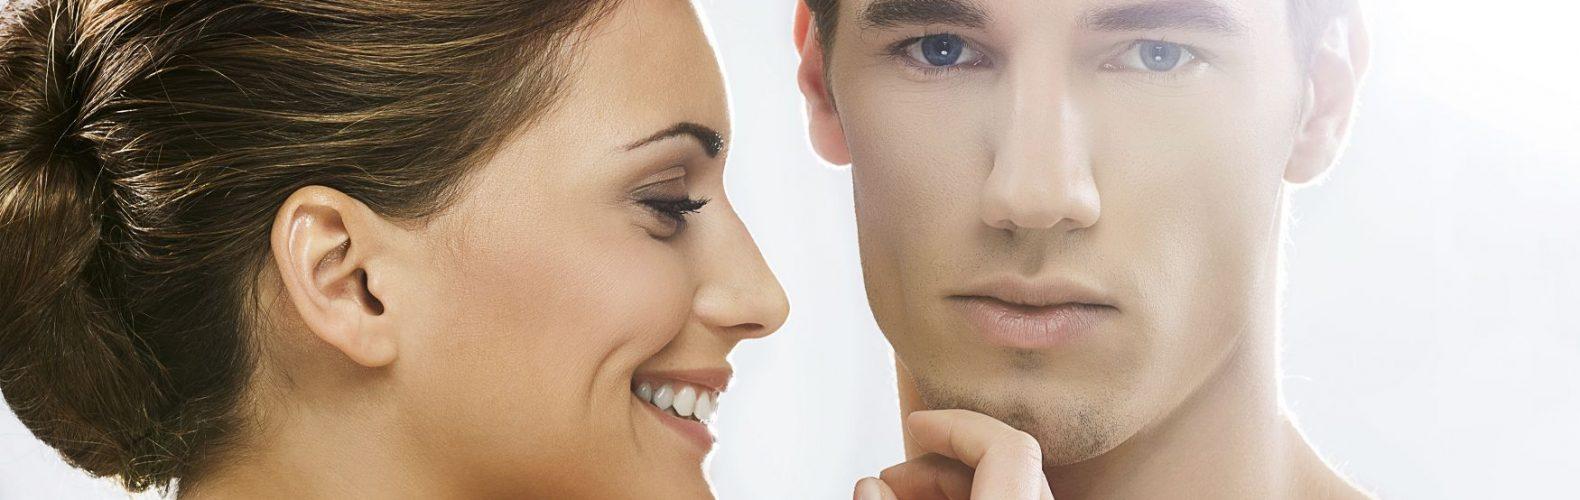 Streichelzarte Haut